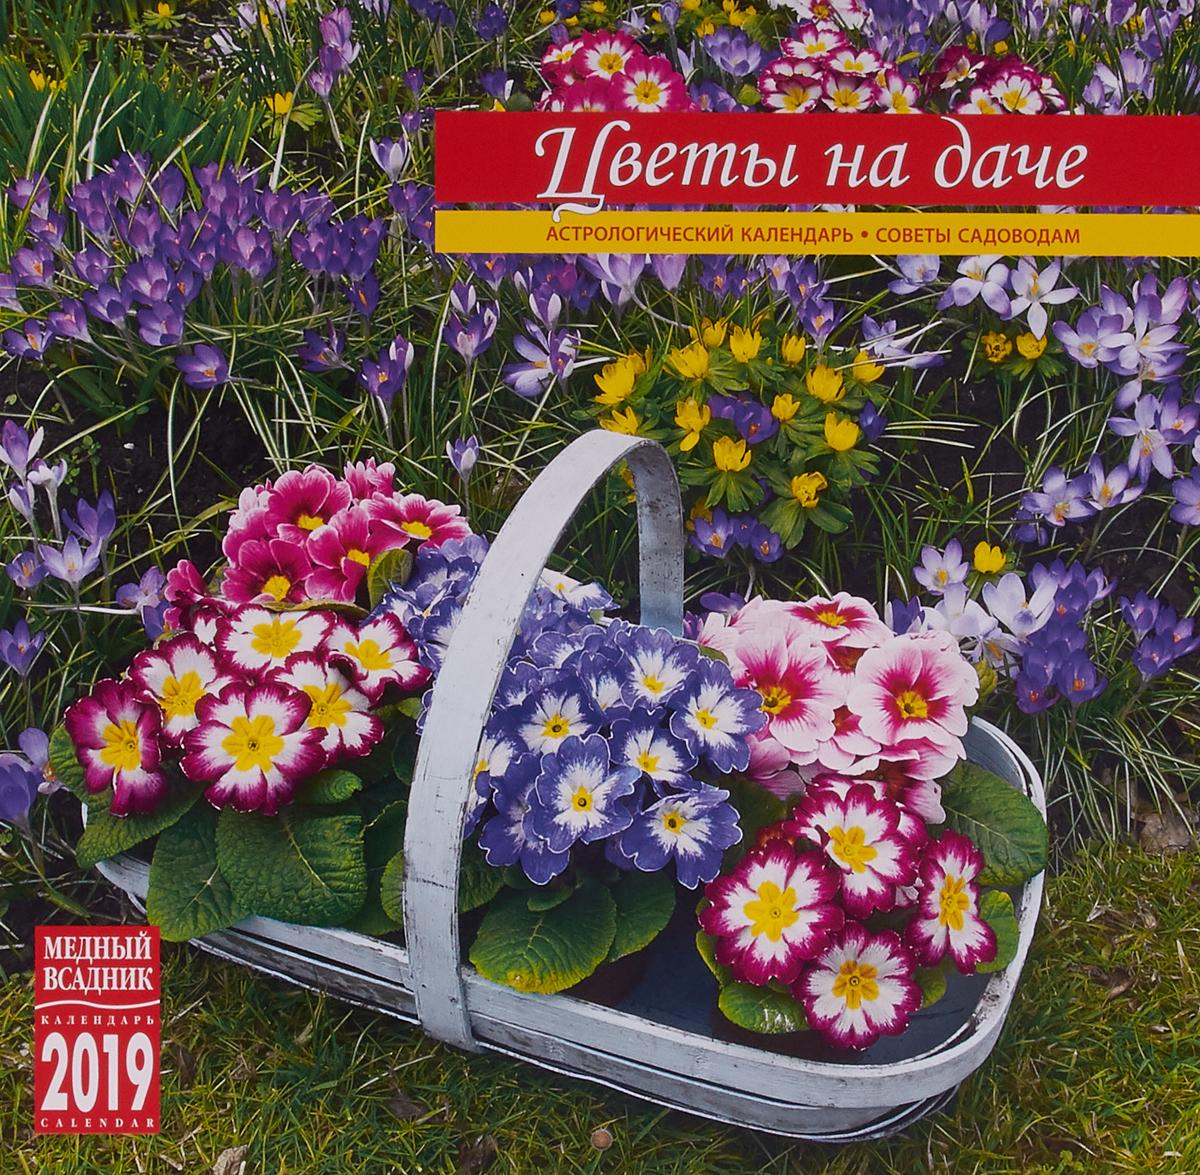 Календарь на скрепке на 2019 год. Цветы на даче paulmann спот для штангового светильника paulmann light